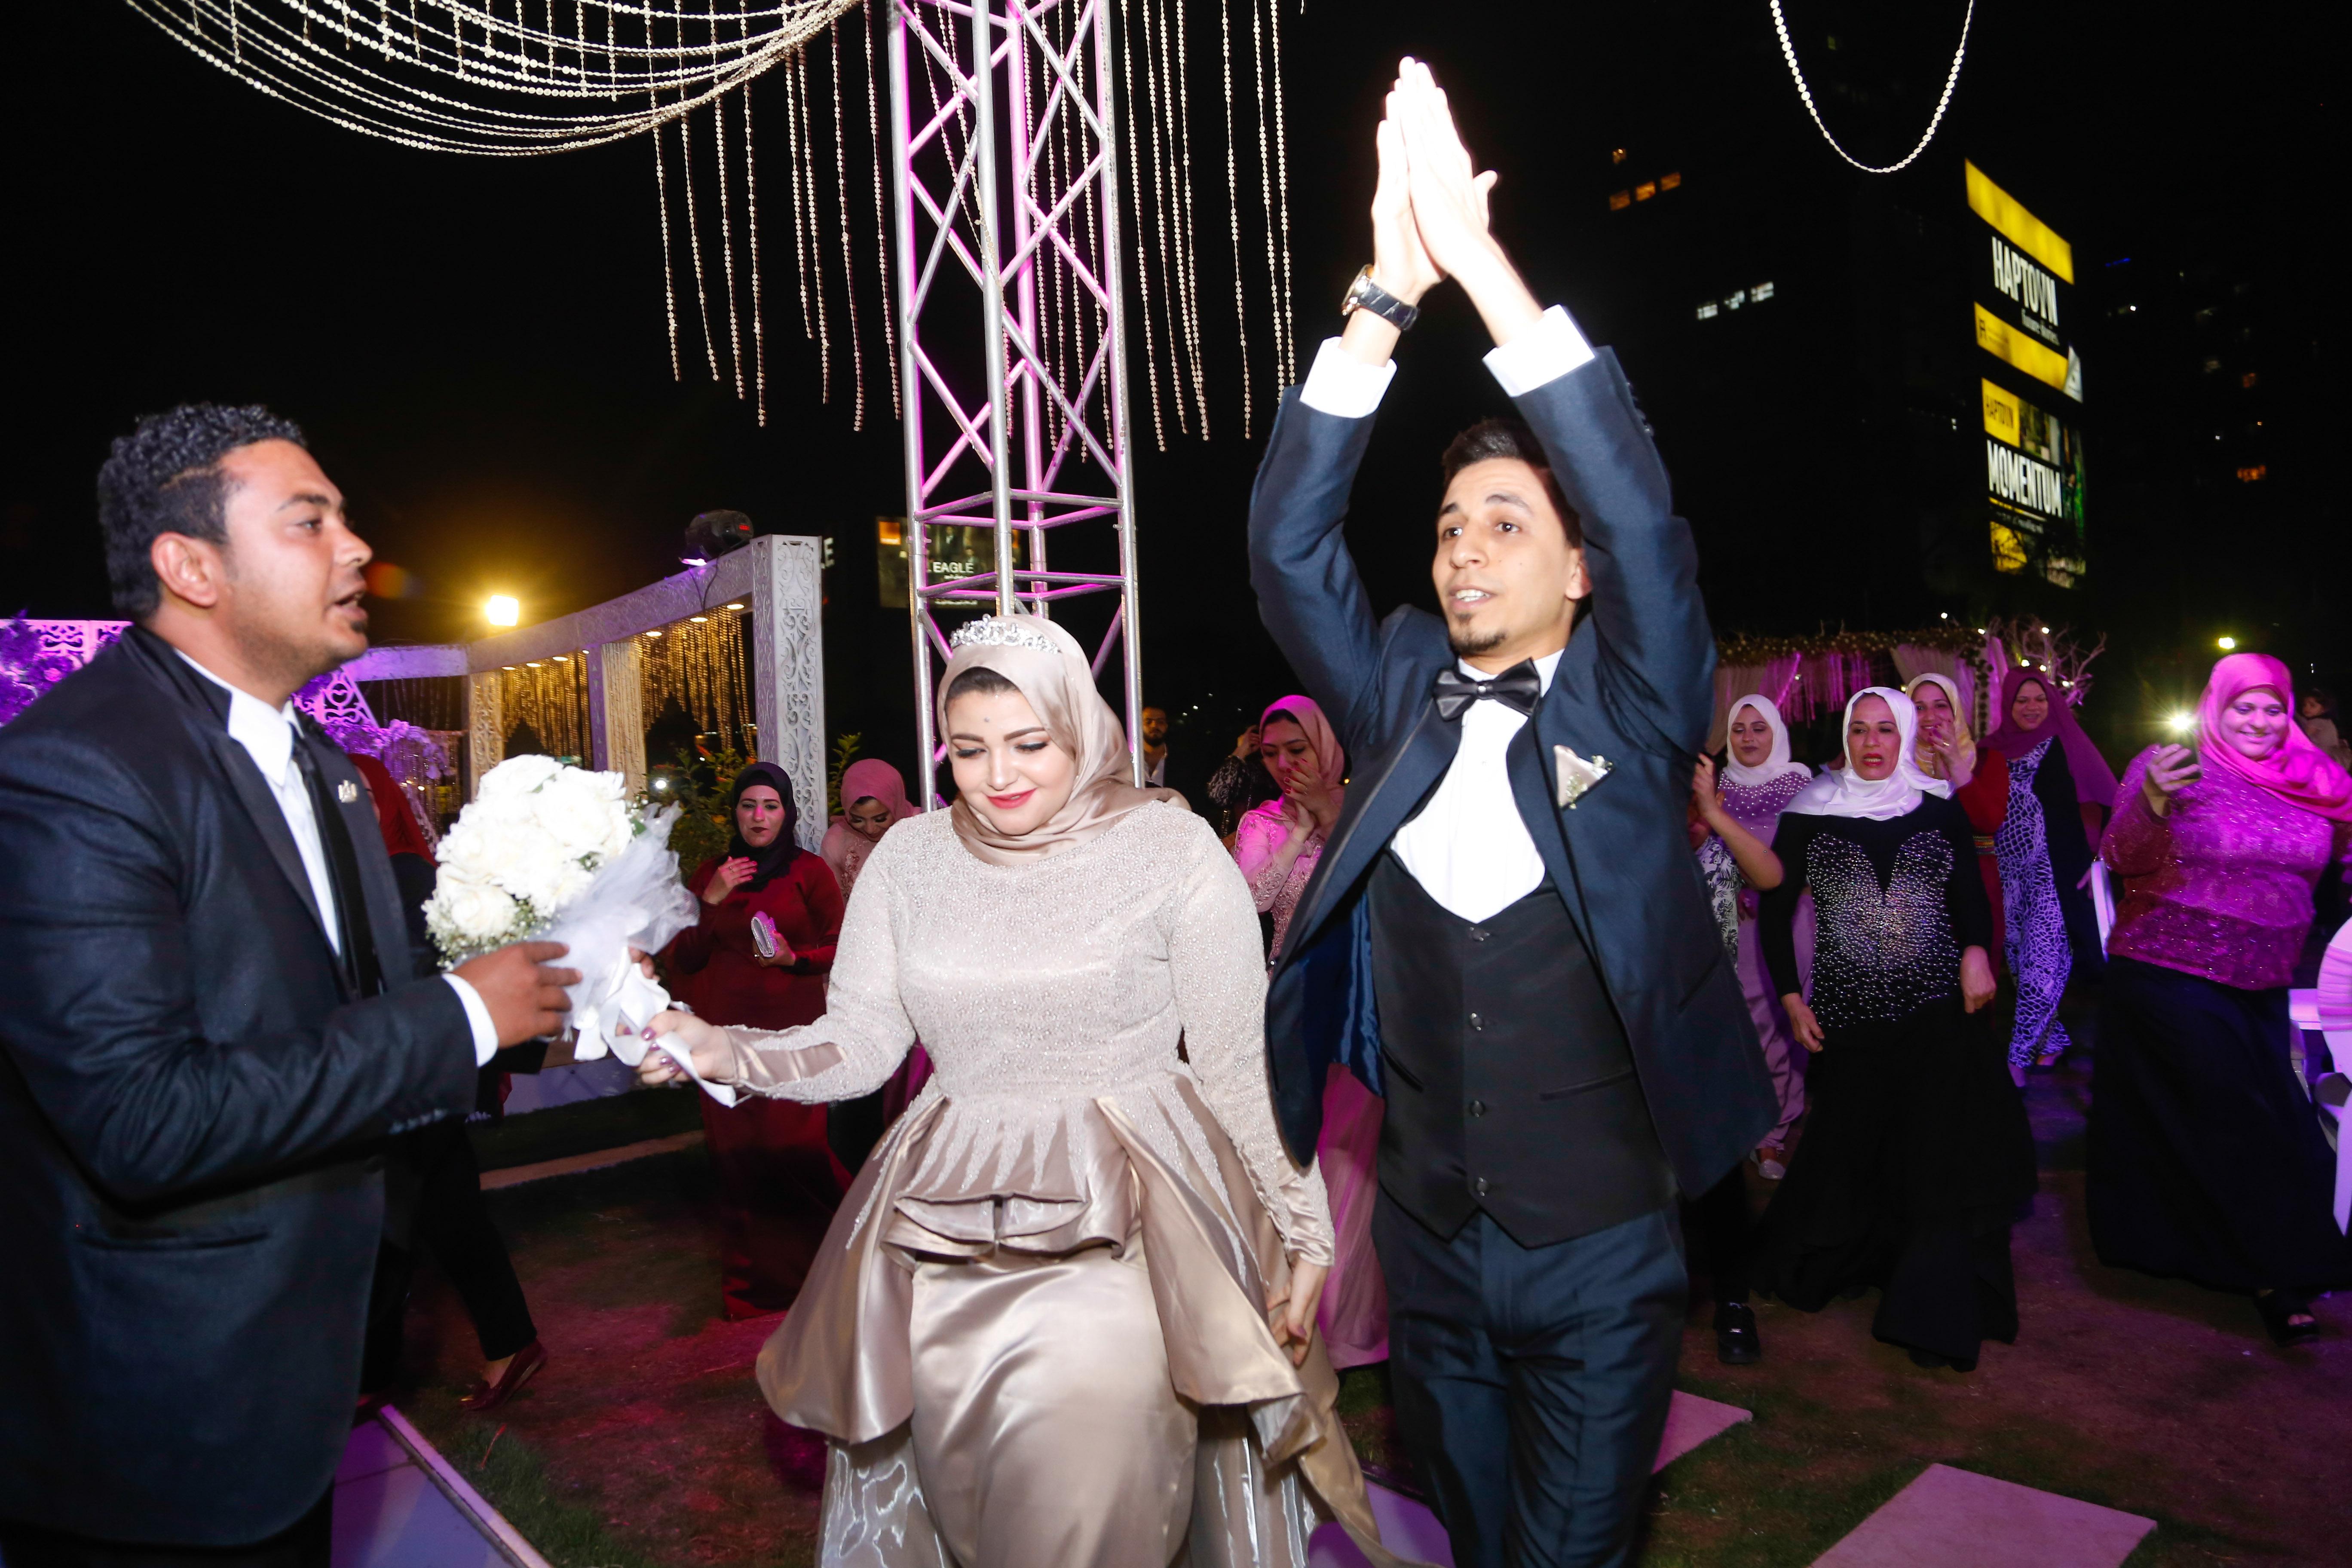 خطوبة الزميل أحمد طارق (35)